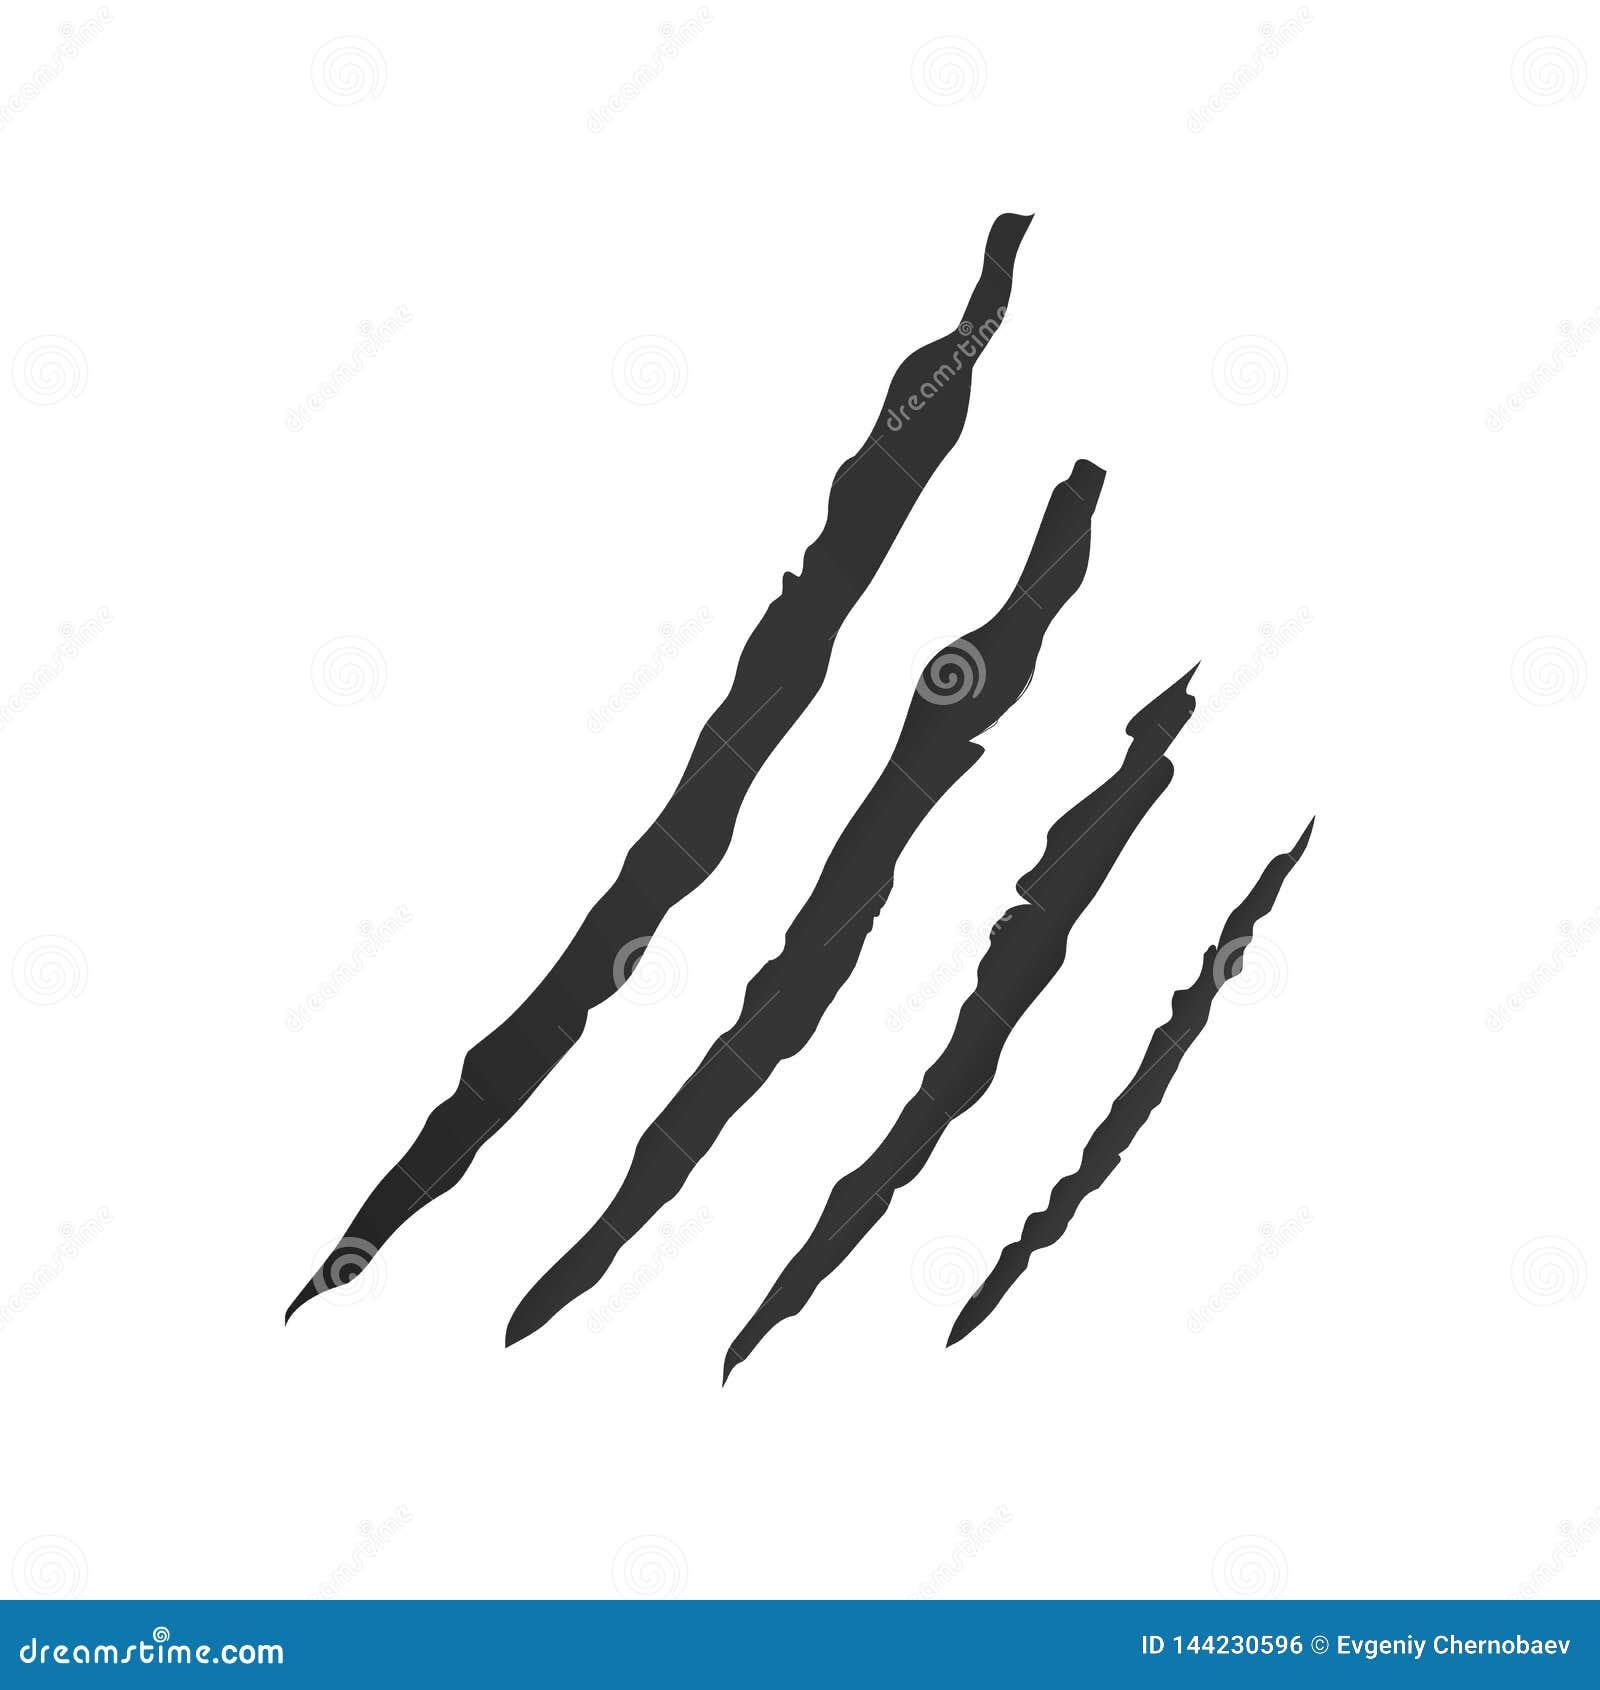 Greiferkratzervektor, Tiergreiferkratzer Drucke oder Greiferkennzeichen auf einem weißen Hintergrundvektor eps10